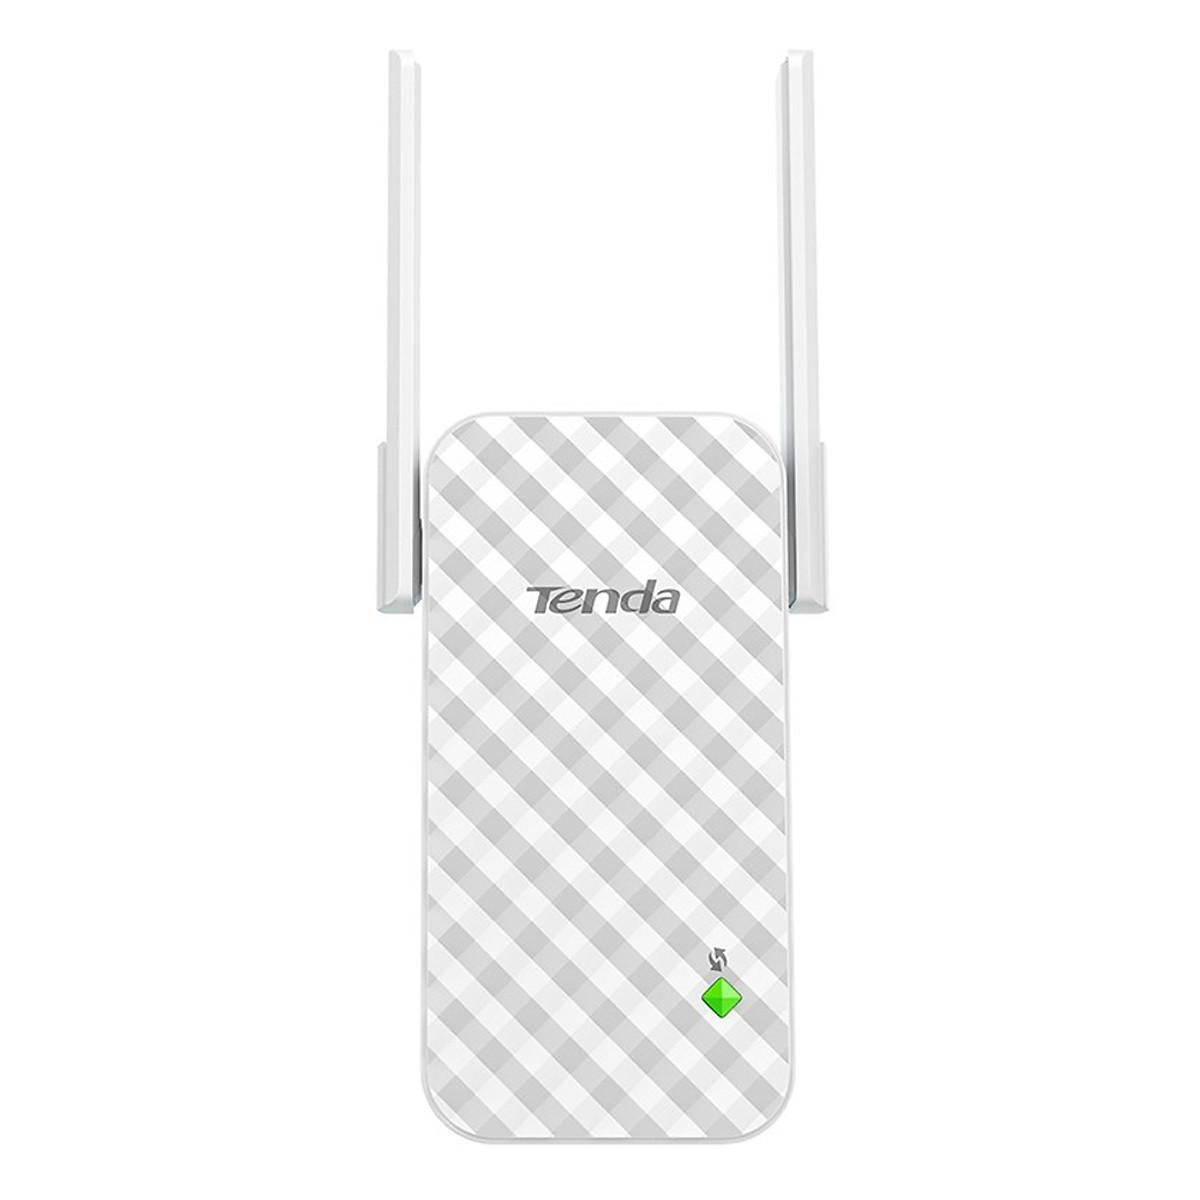 Bộ Kích Sóng Wifi Repeater 300Mbps Tenda A9 – Hàng Chính Hãng